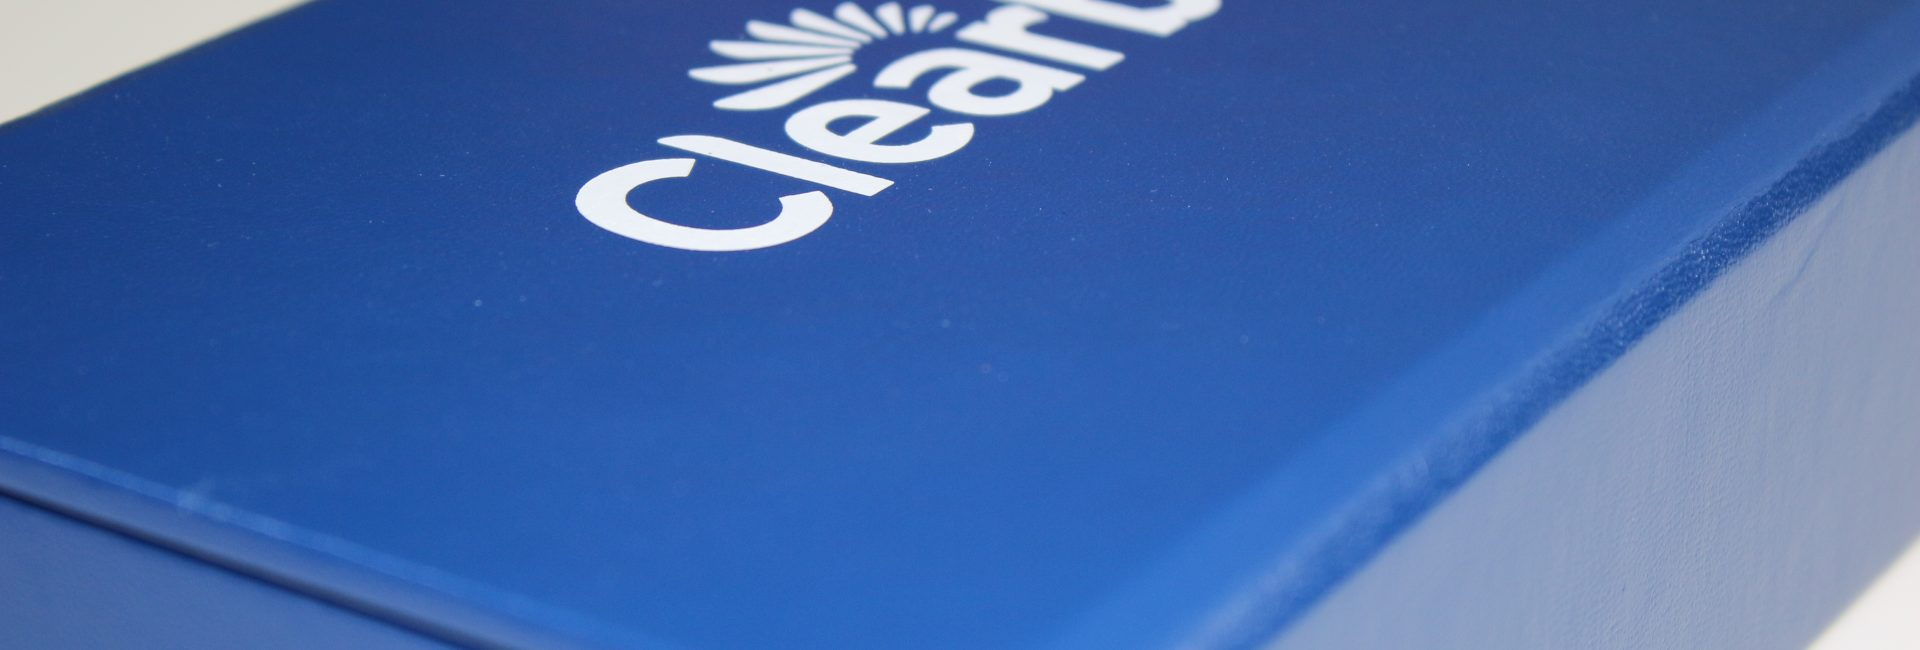 Clearblue Rigid Box